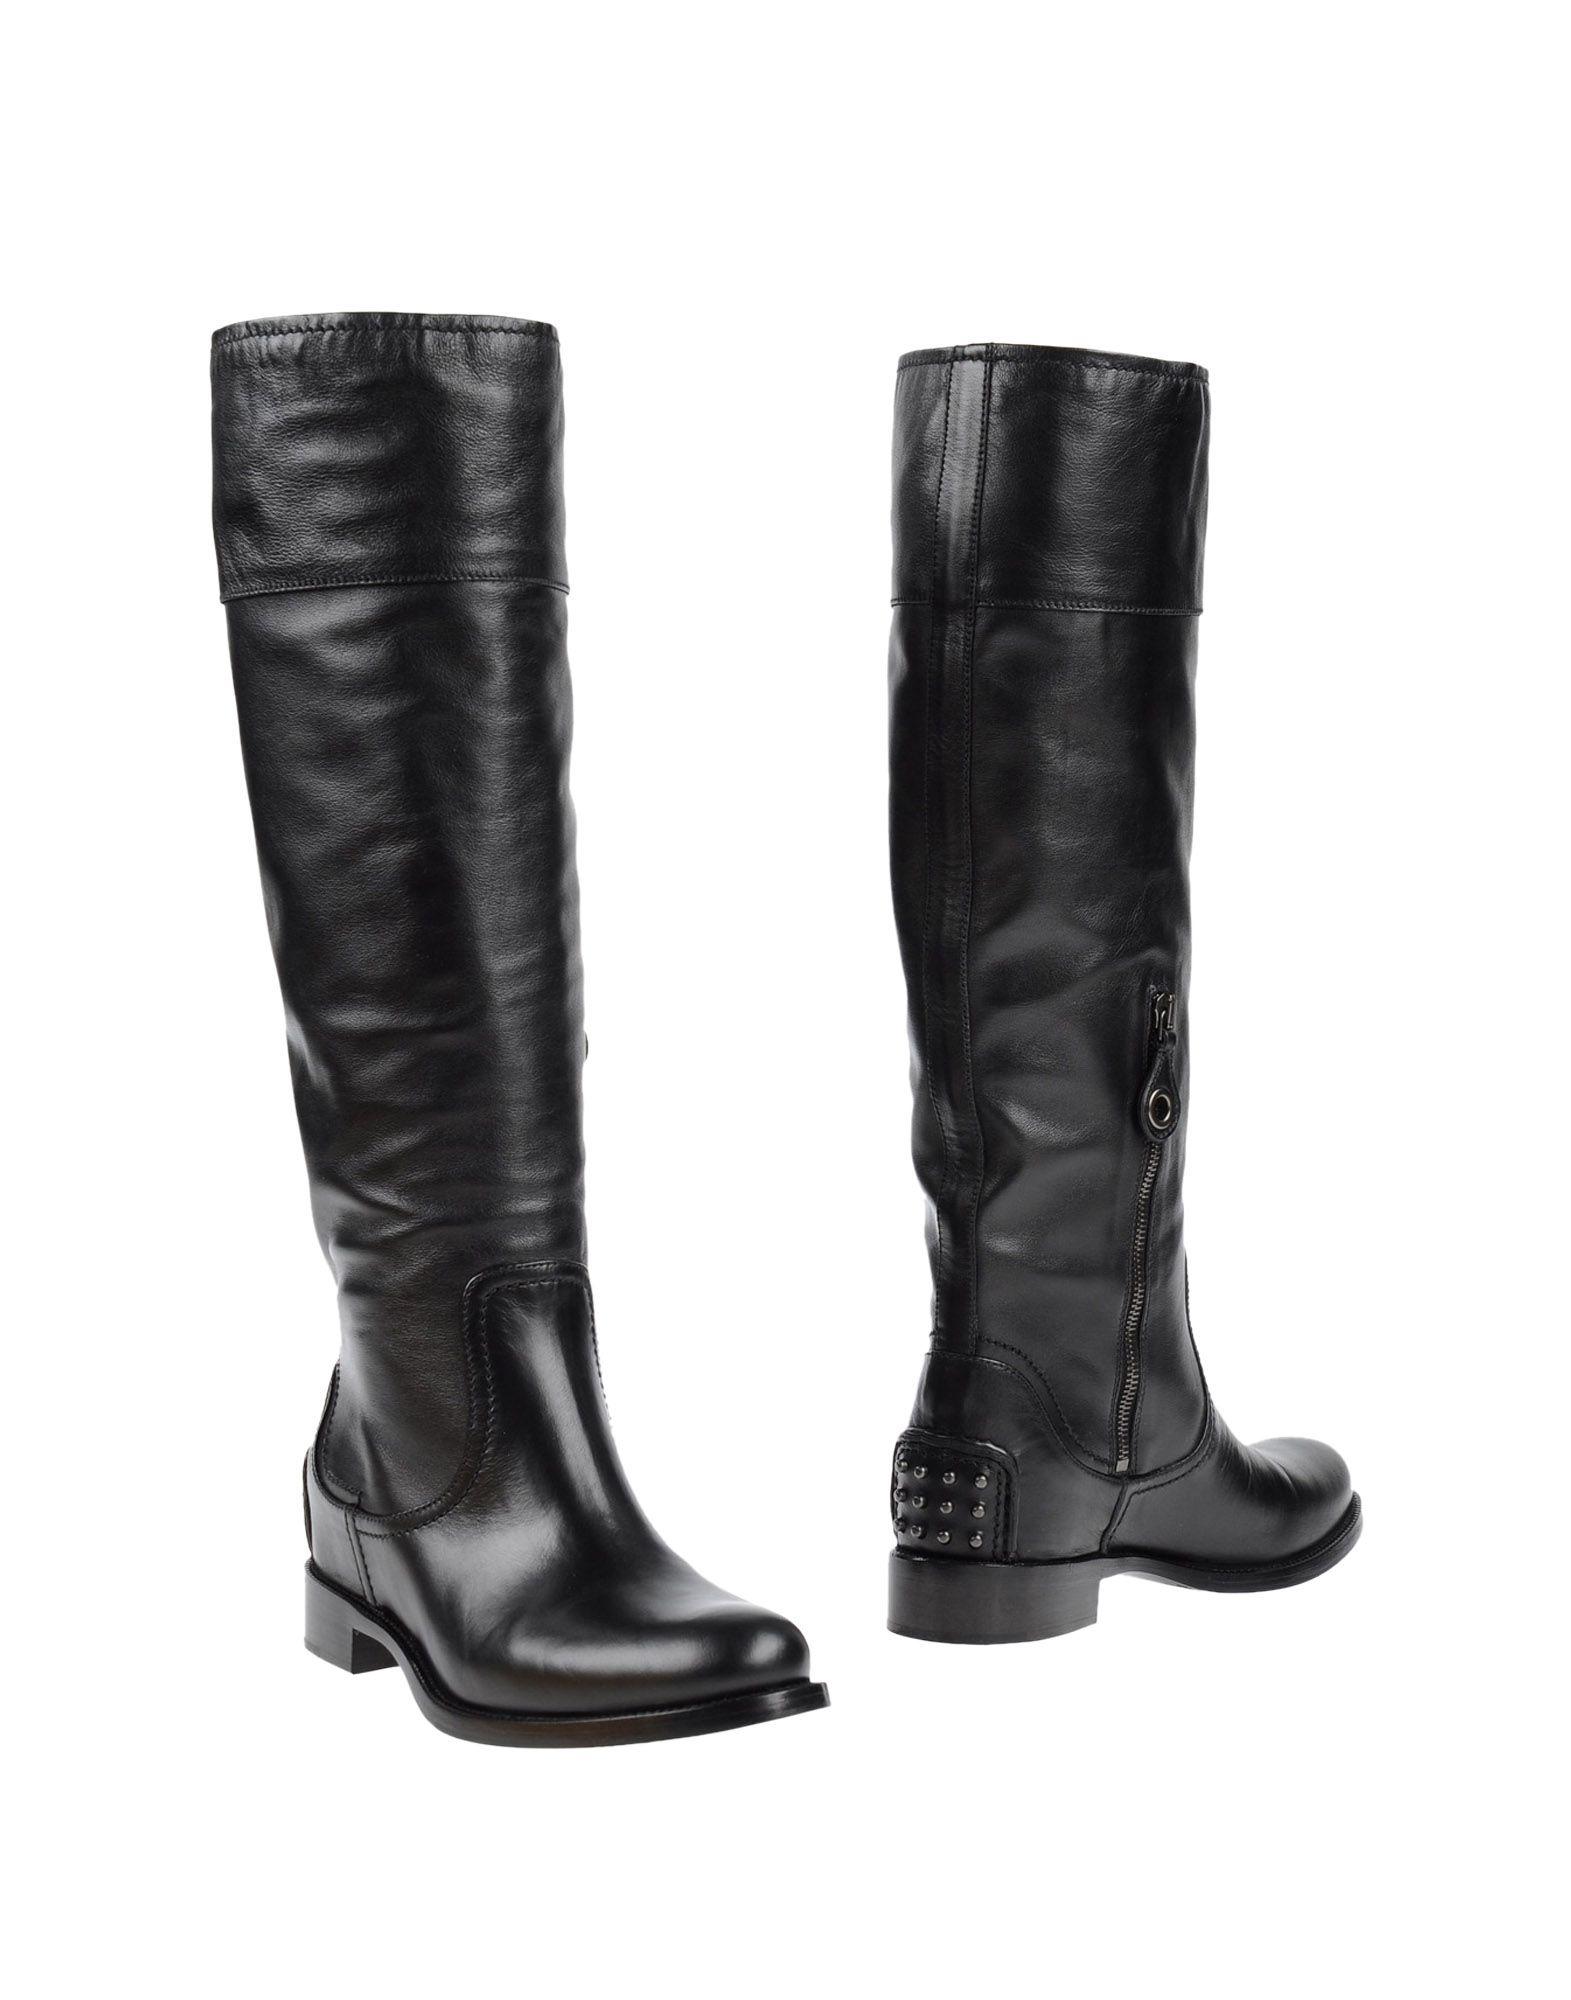 Carshoe Stiefel Damen  11039644RDGünstige gut aussehende Schuhe